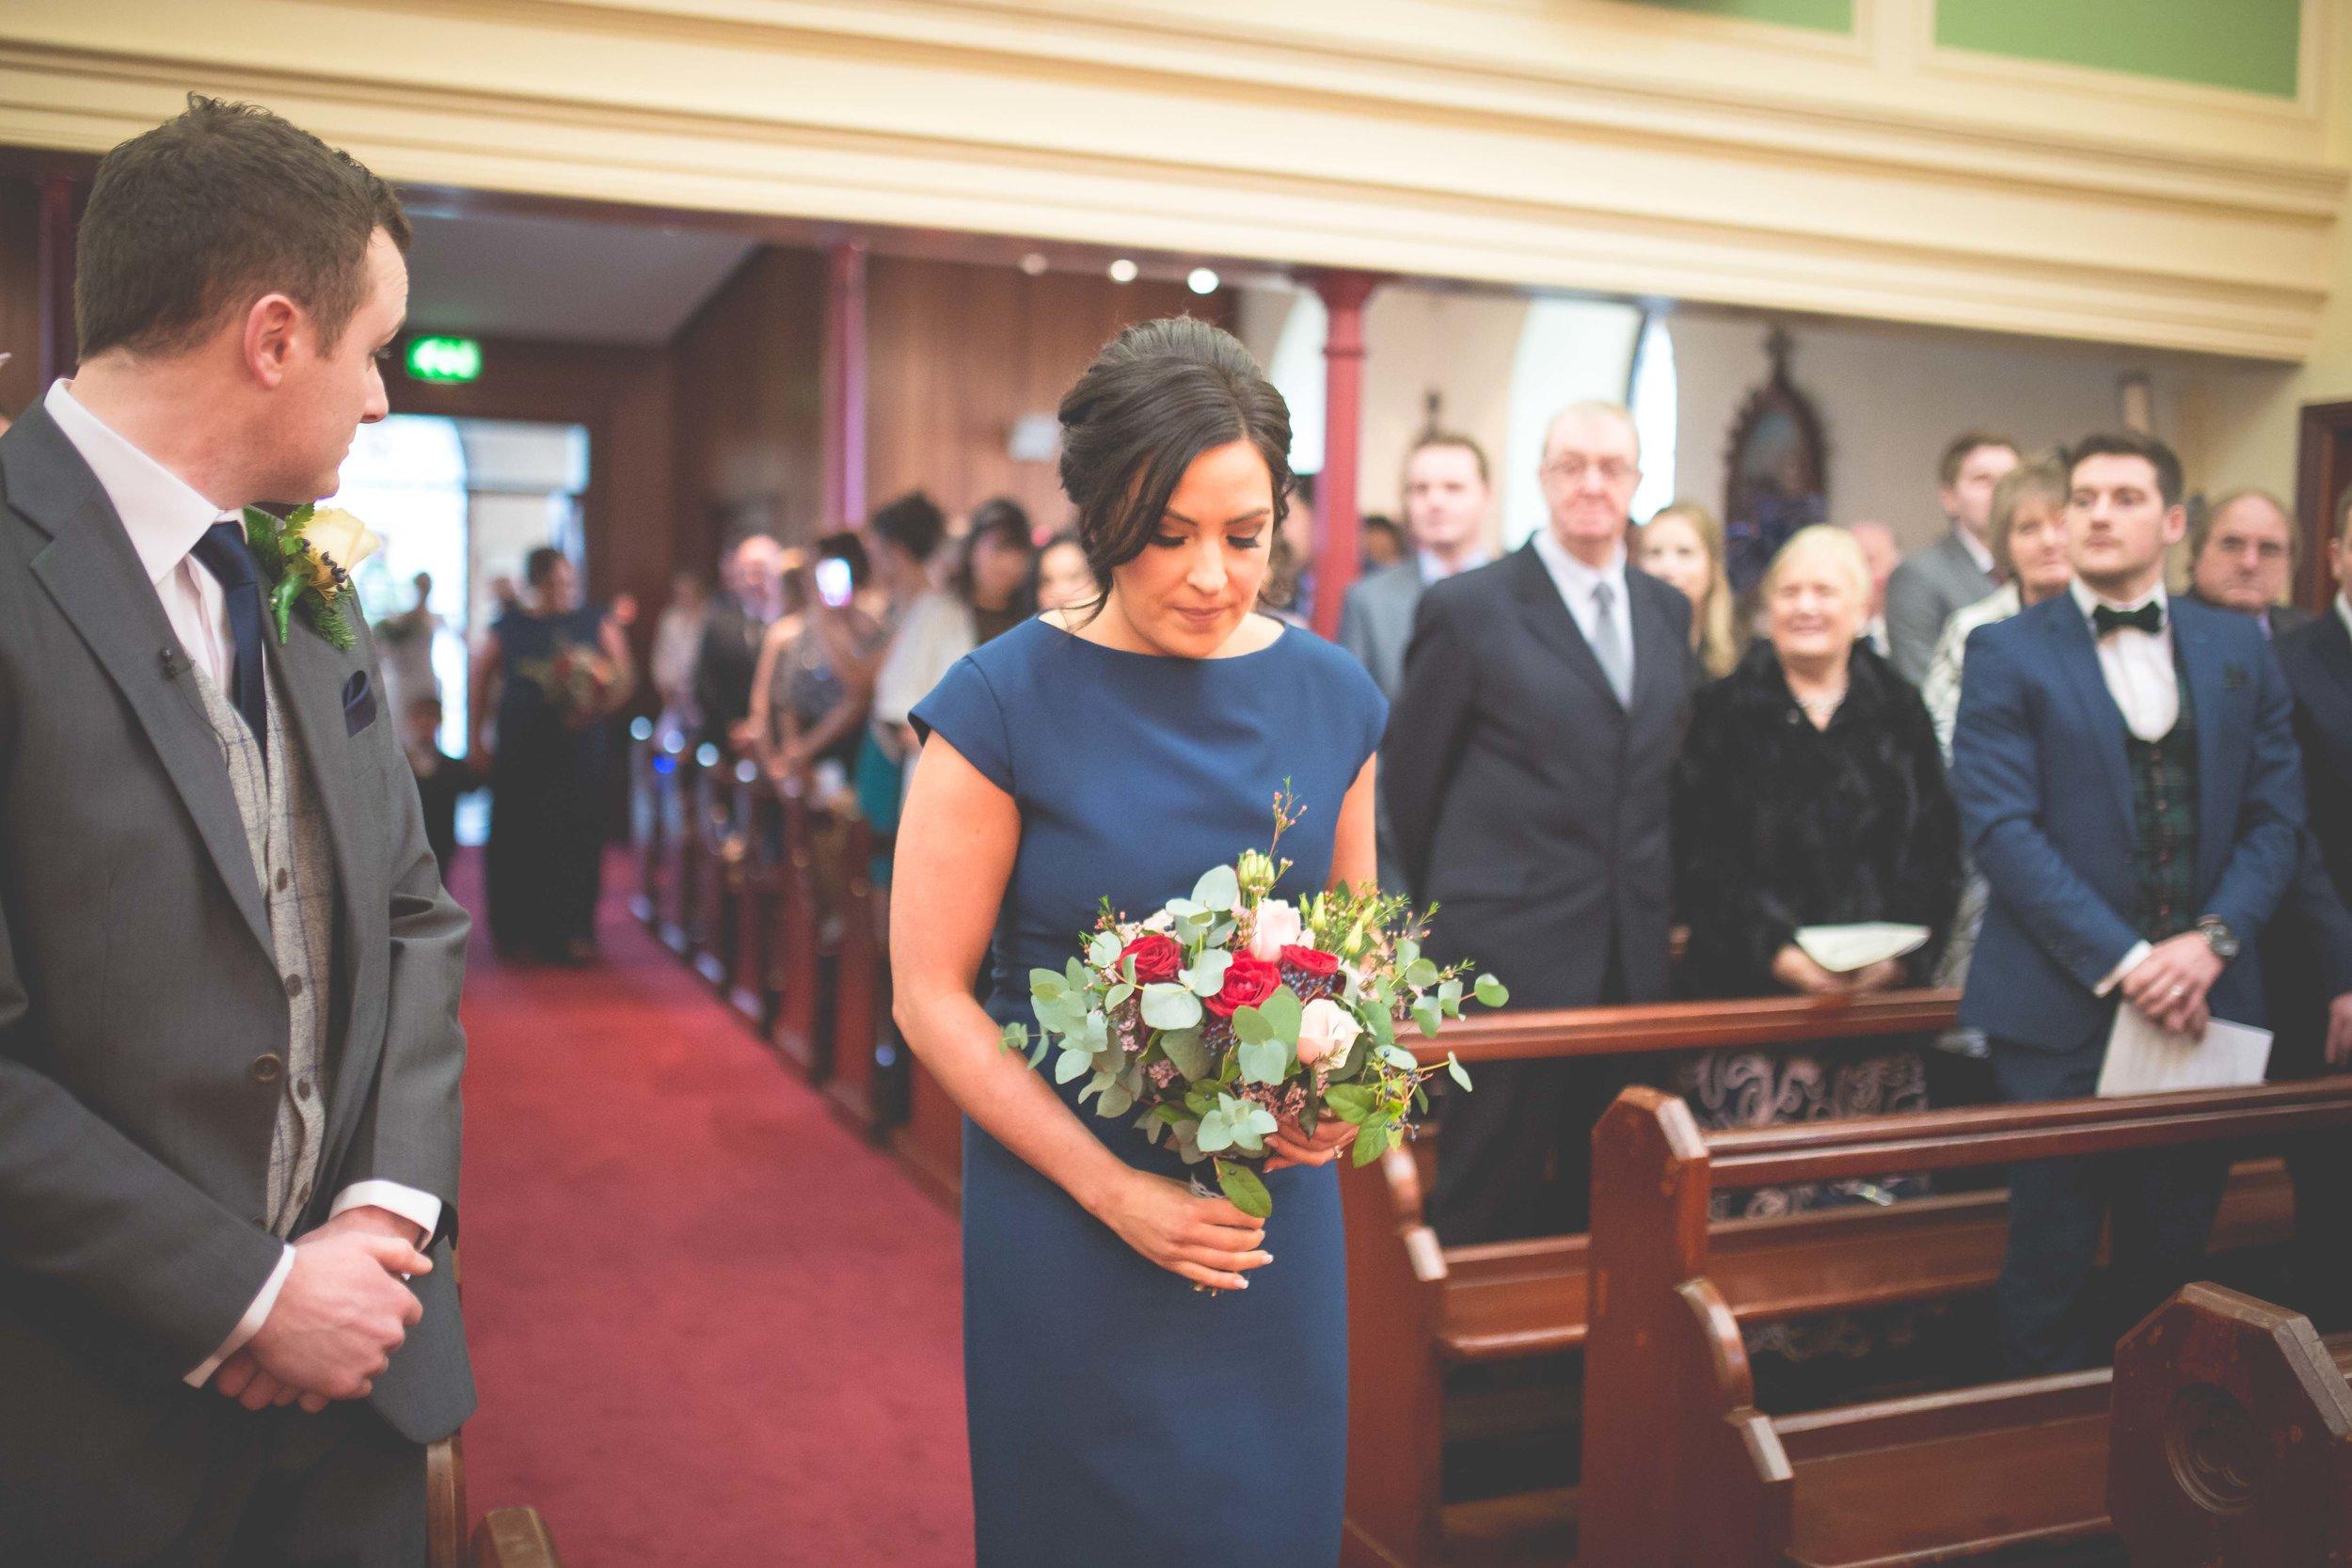 MaryJo_Conor_Mageean_Ceremony-19.jpg